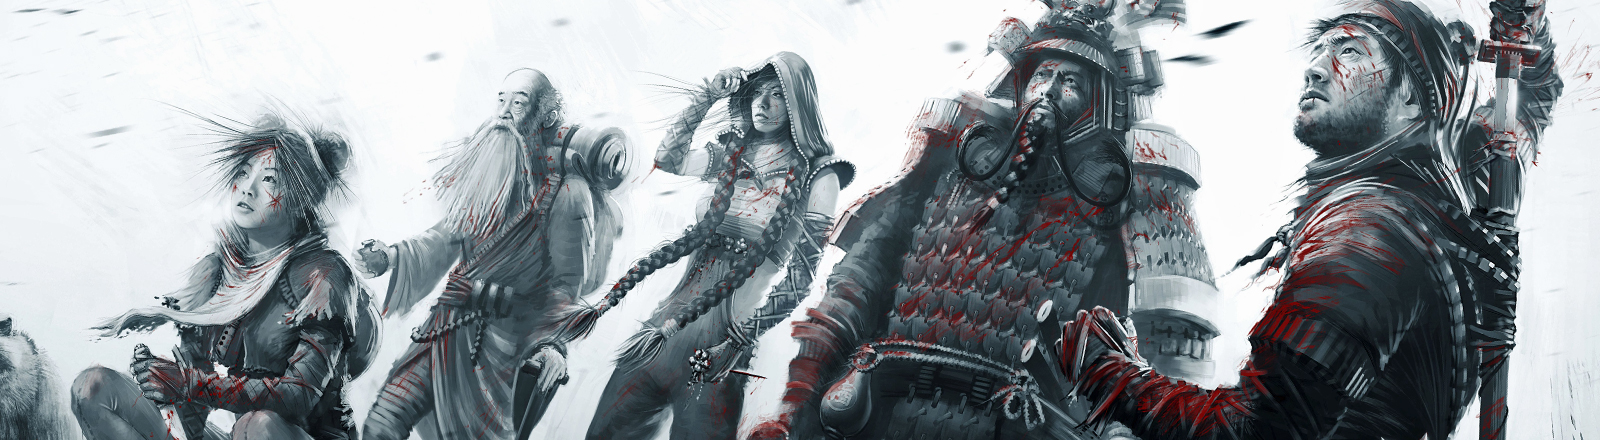 Die Helden aus dem Computerspiel Shadow Tactics.